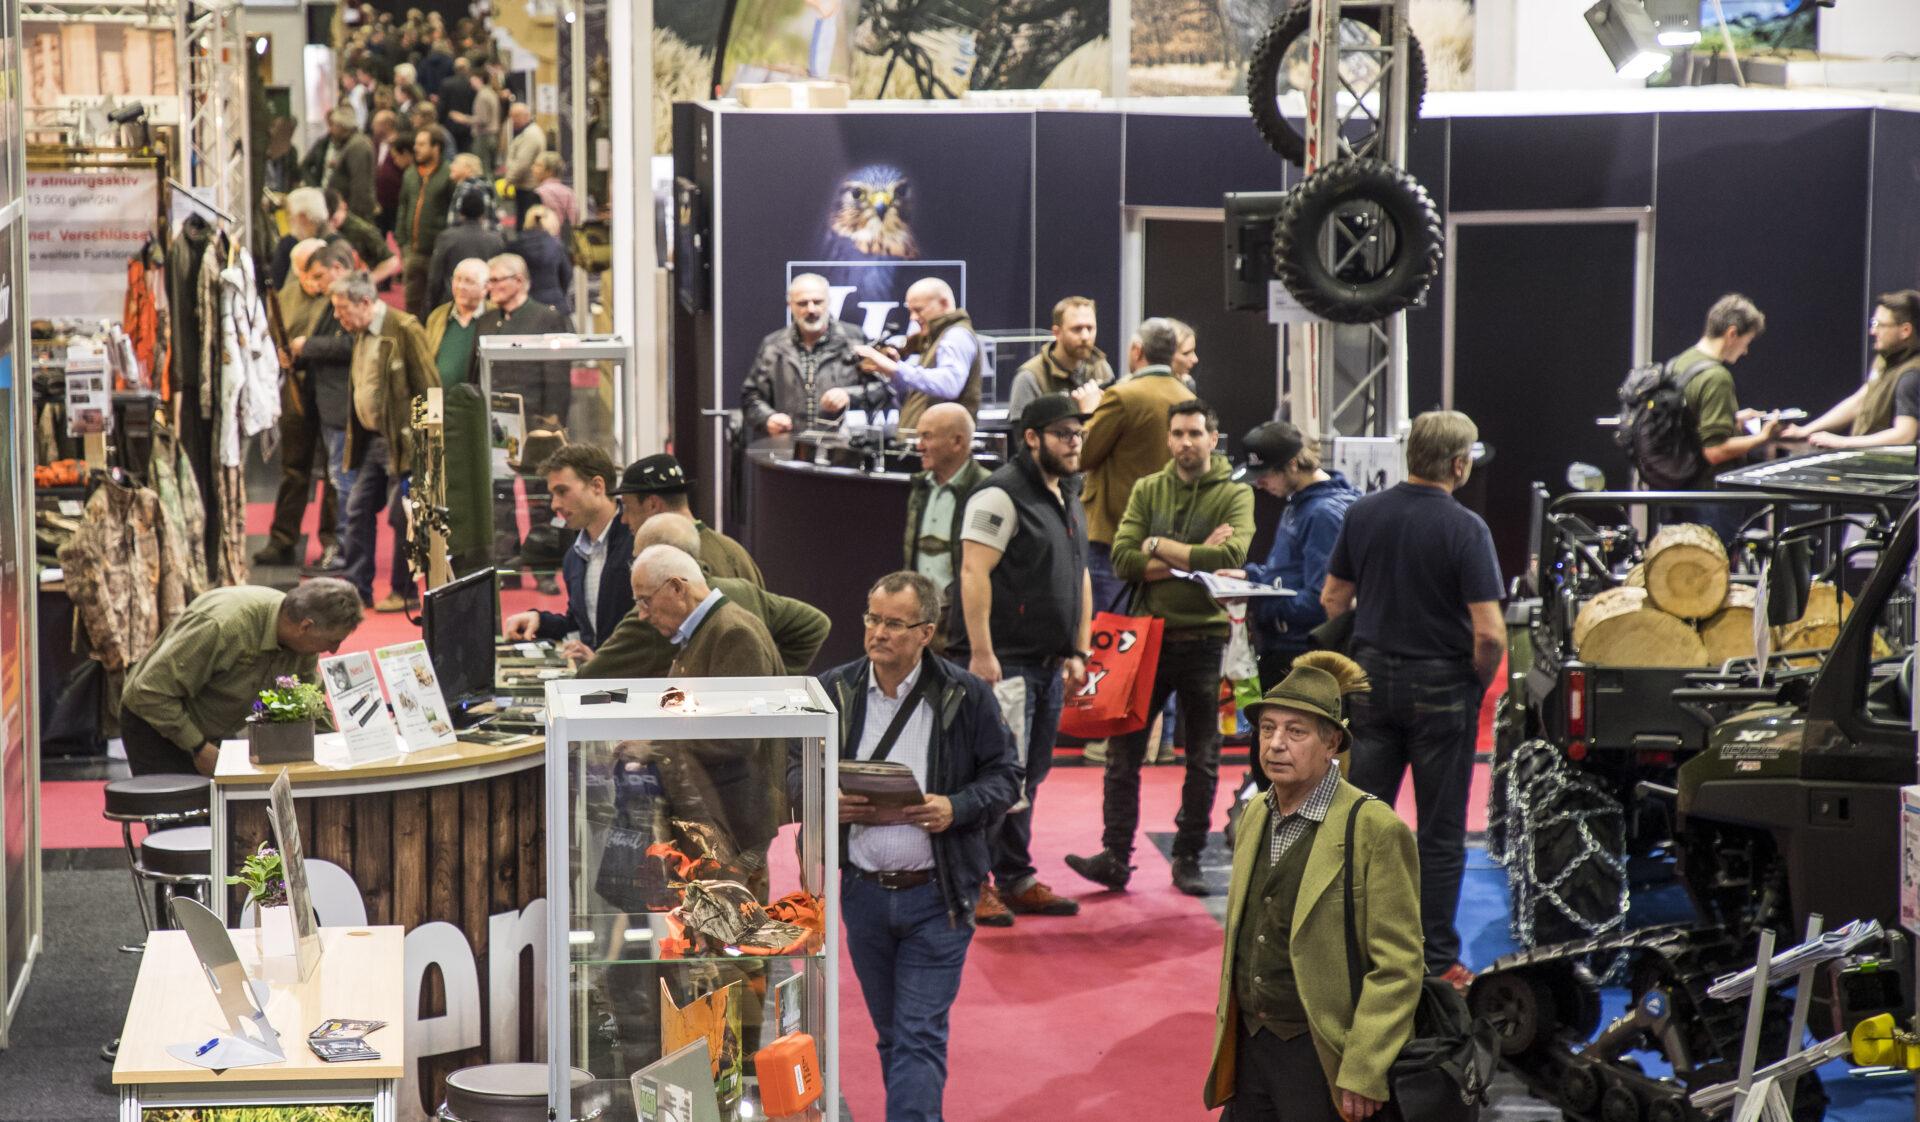 """Messe """"Die Hohe Jagd & Fischerei"""": Zweitbeste Besucherbilanz in Salzburg - WILD UND HUND"""